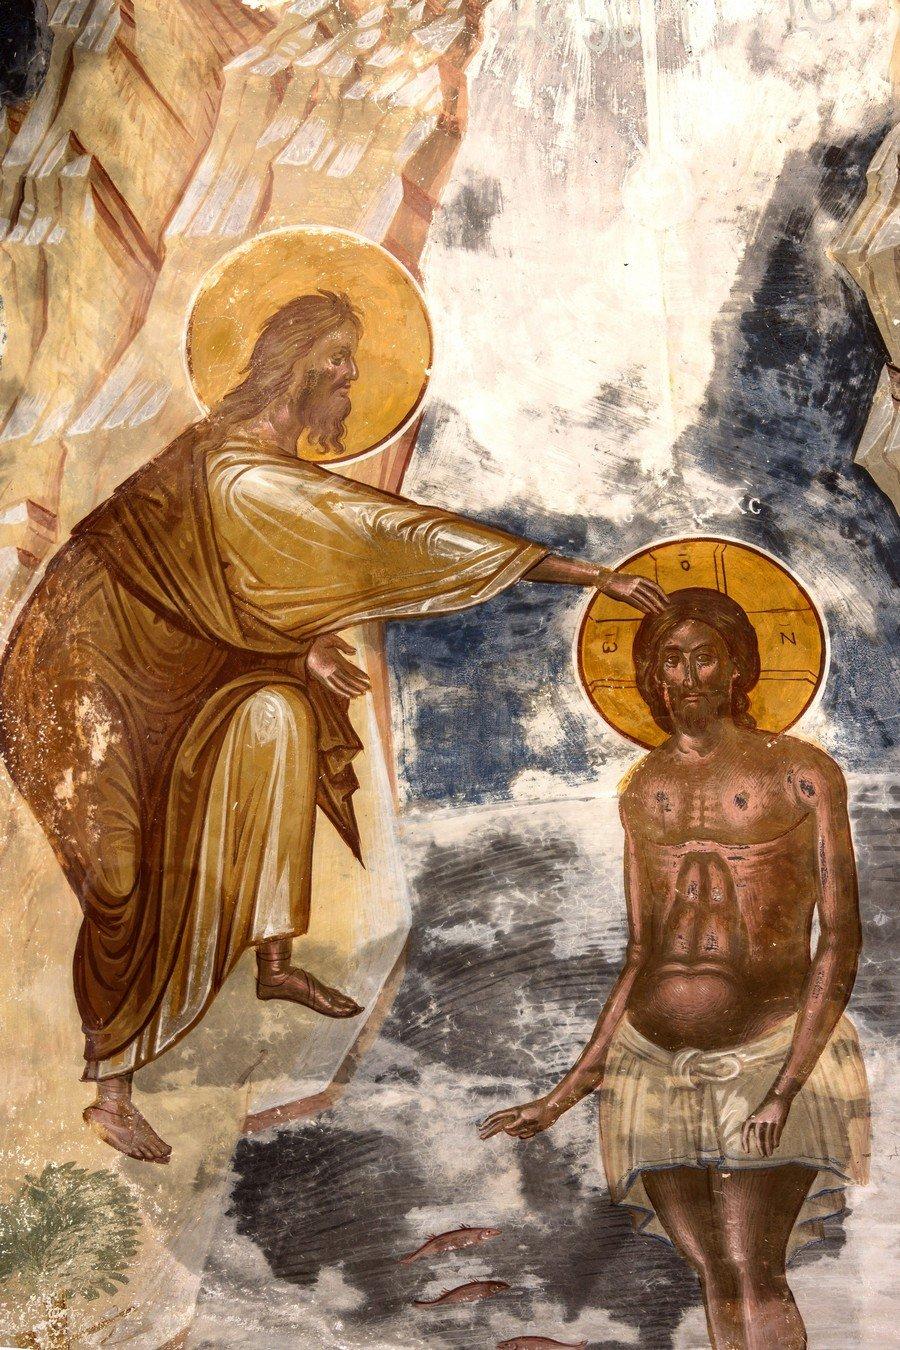 Крещение Господне. Фреска церкви Святого Георгия в монастыре Гелати, Грузия. 1561 - 1578 годы. Фрагмент.